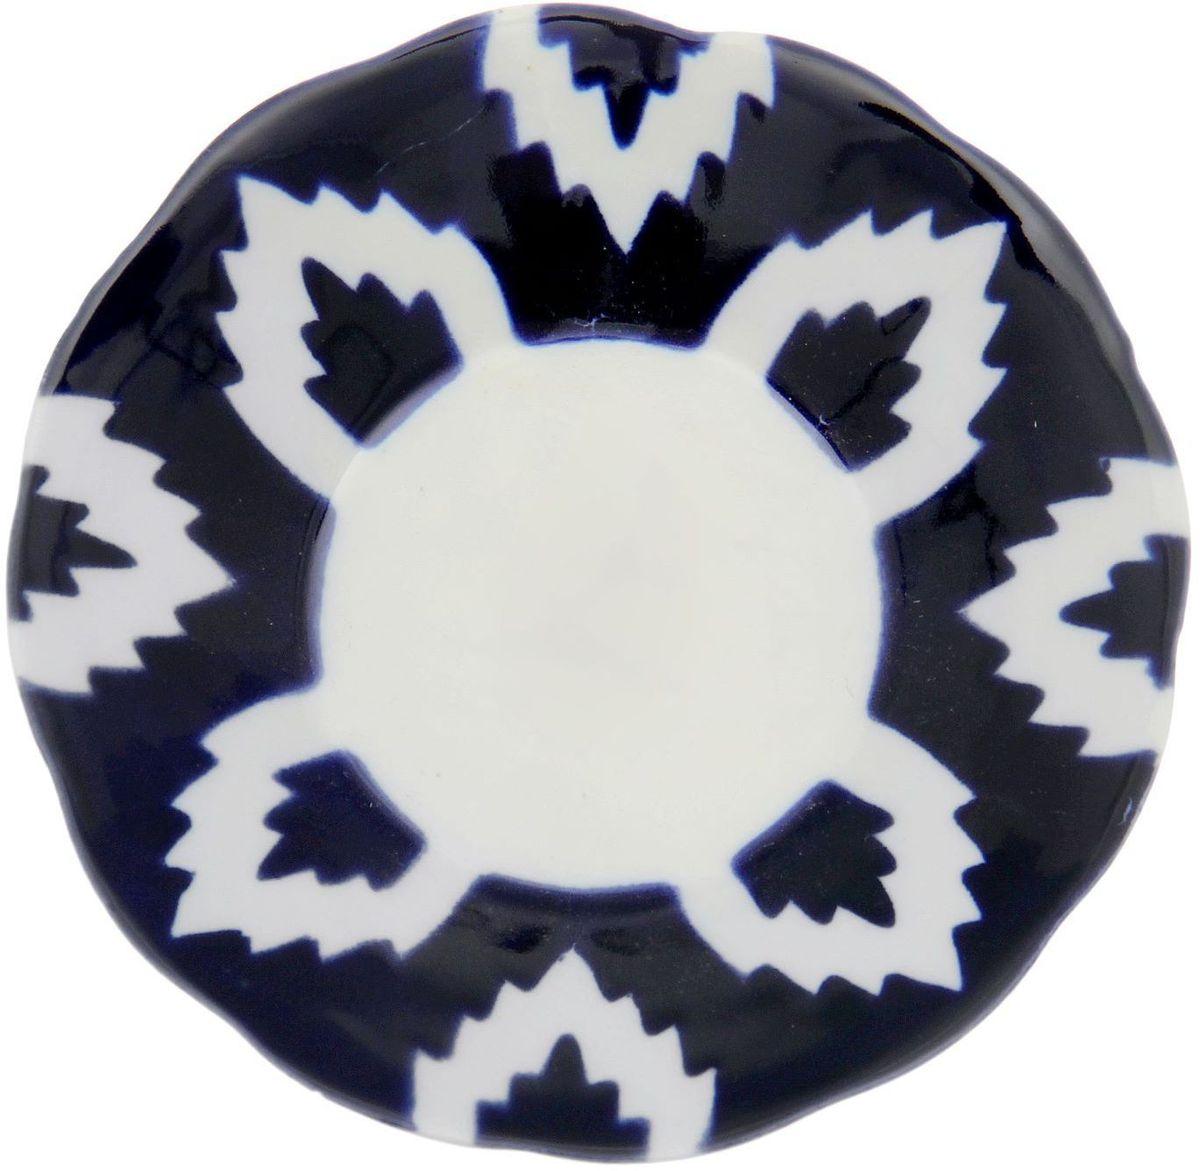 Тарелка Turon Porcelain Атлас, цвет: синий, белый, диаметр 13 см1625378Узбекская посуда известна всему миру уже более тысячи лет. Ей любовались царские особы, на ней подавали еду для шейхов и знатных персон. Формулы красок и глазури передаются из поколения в поколение. По сей день качественные расписные изделия продолжают восхищать совершенством и завораживающей красотой.Данный предмет подойдёт для повседневной и праздничной сервировки. Дополните стол текстилем и салфетками в тон, чтобы получить элегантное убранство с яркими акцентами.Национальная узбекская роспись «Атлас» имеет симметричный геометрический рисунок. Узоры, похожие на листья, выводятся тонкой кистью, фон заливается тёмно-синим кобальтом. Синий краситель при обжиге слегка растекается и придаёт контуру изображений голубой оттенок. Густая глазурь наносится толстым слоем, благодаря чему рисунок мерцает.